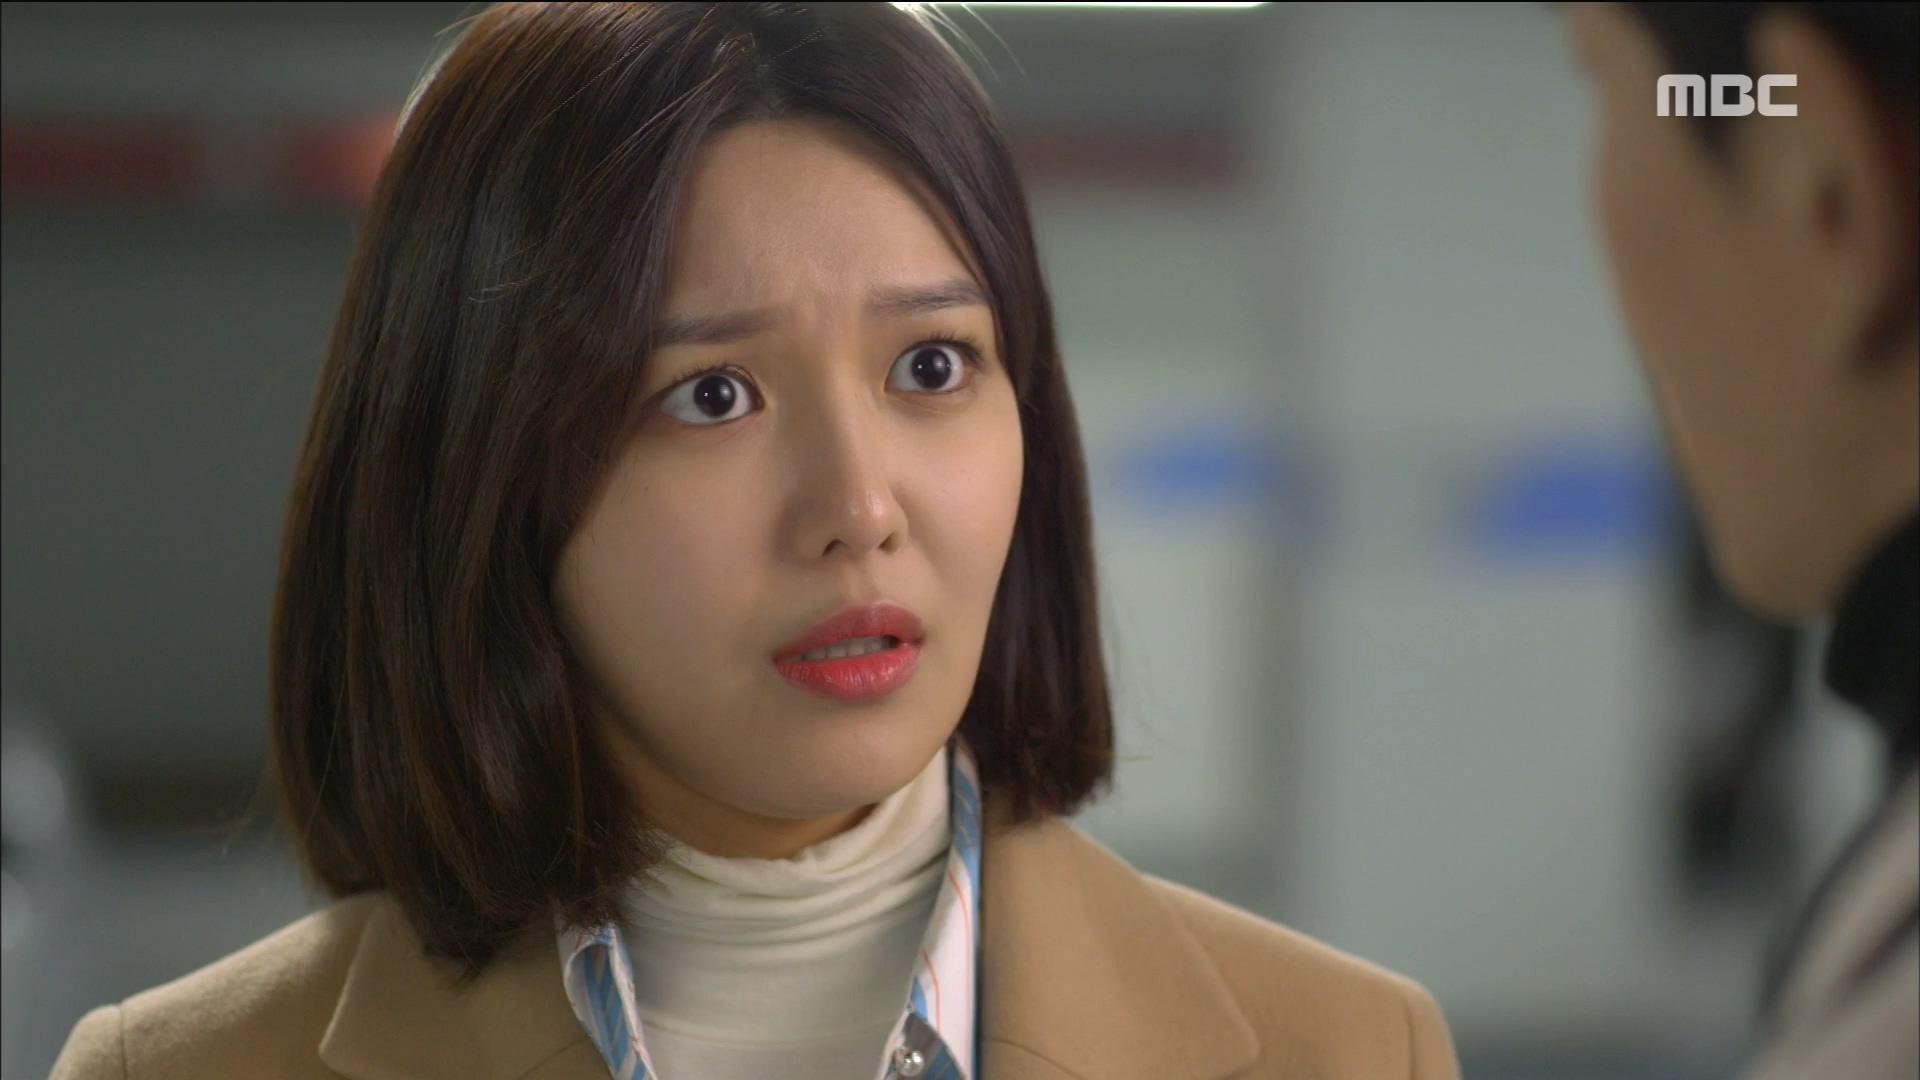 이정혁 집에 찾아간 온주완-최수영, 사건의 실마리를 찾다!